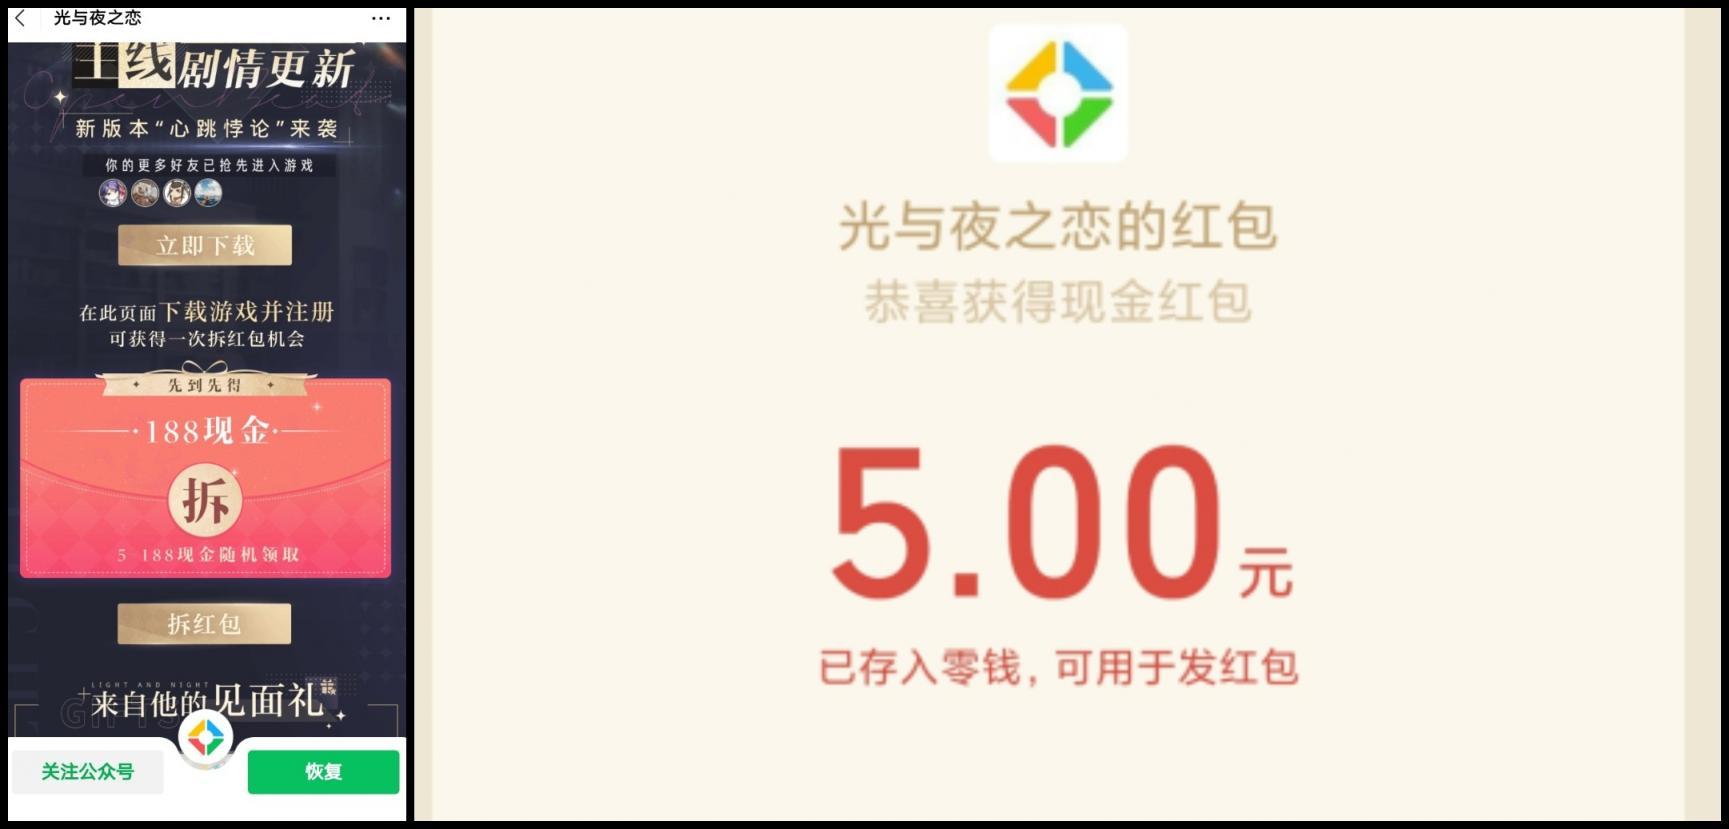 腾讯手游光与夜之恋下载注册领5-188元微信现金红包。